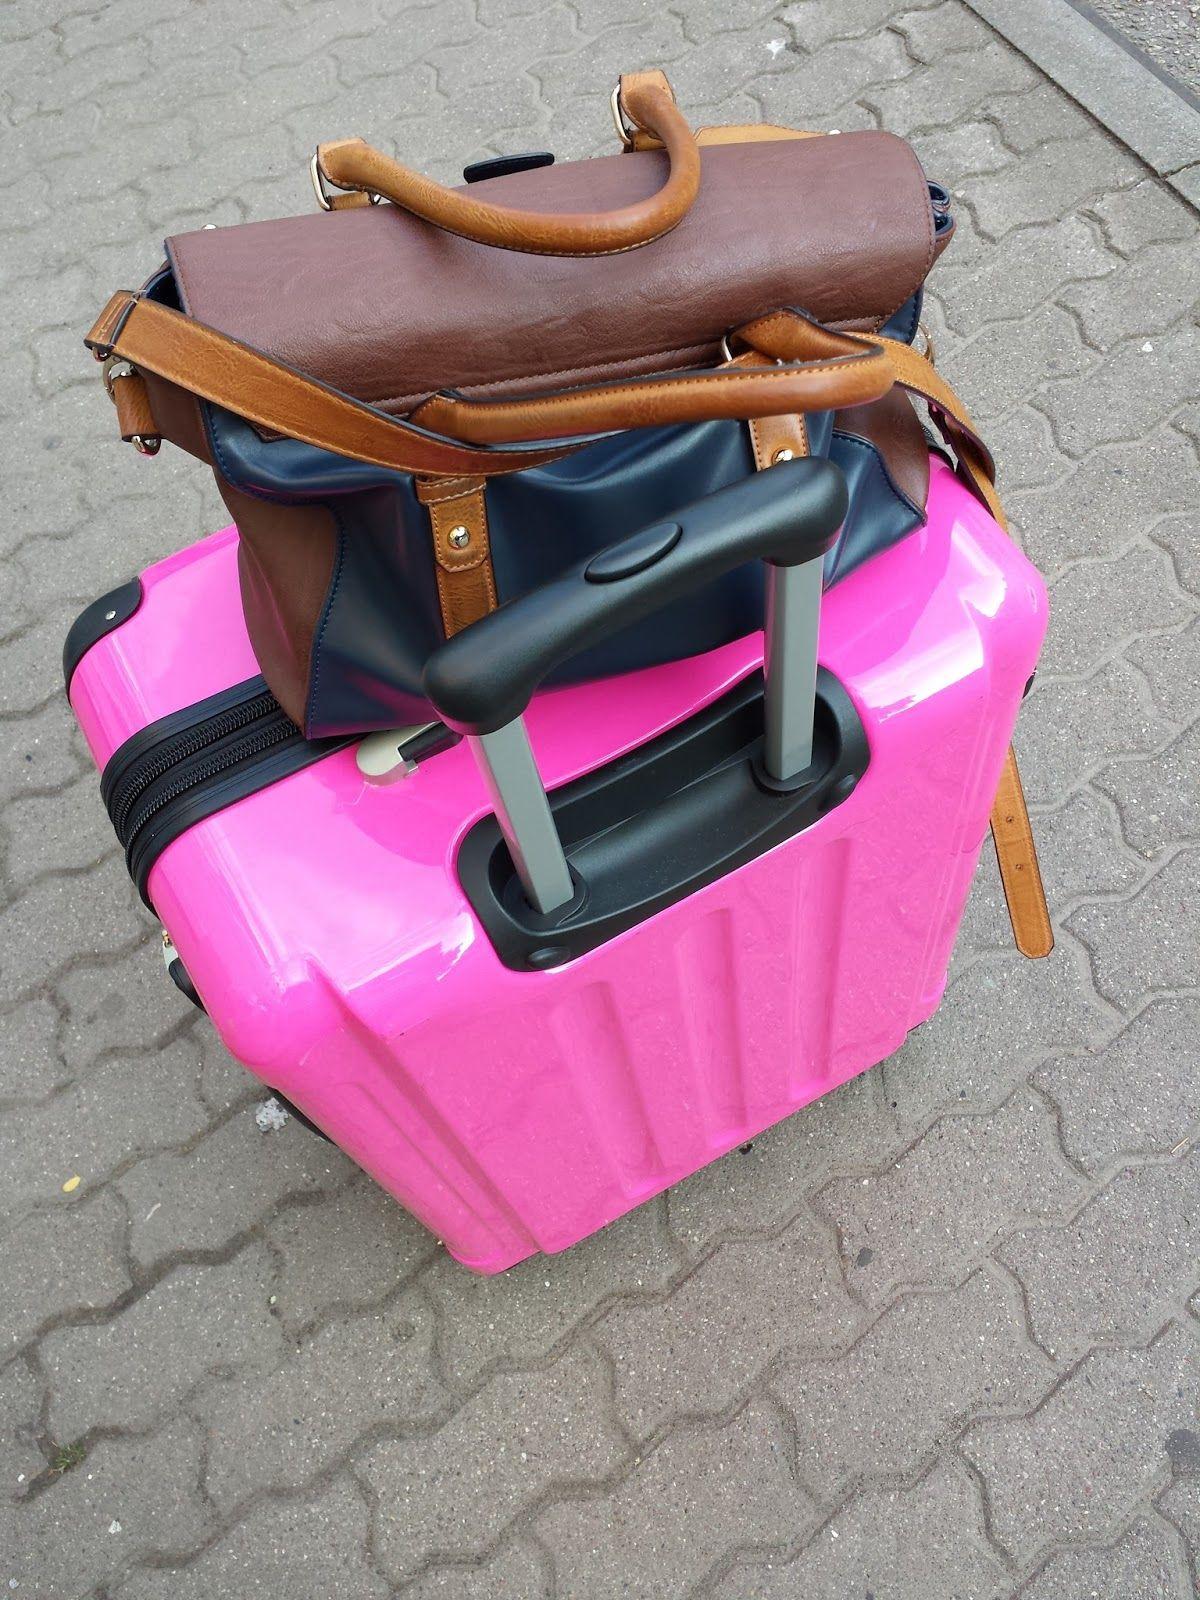 Pinselstrich: Mein Ausflug ins Jet-Set Leben ;-)